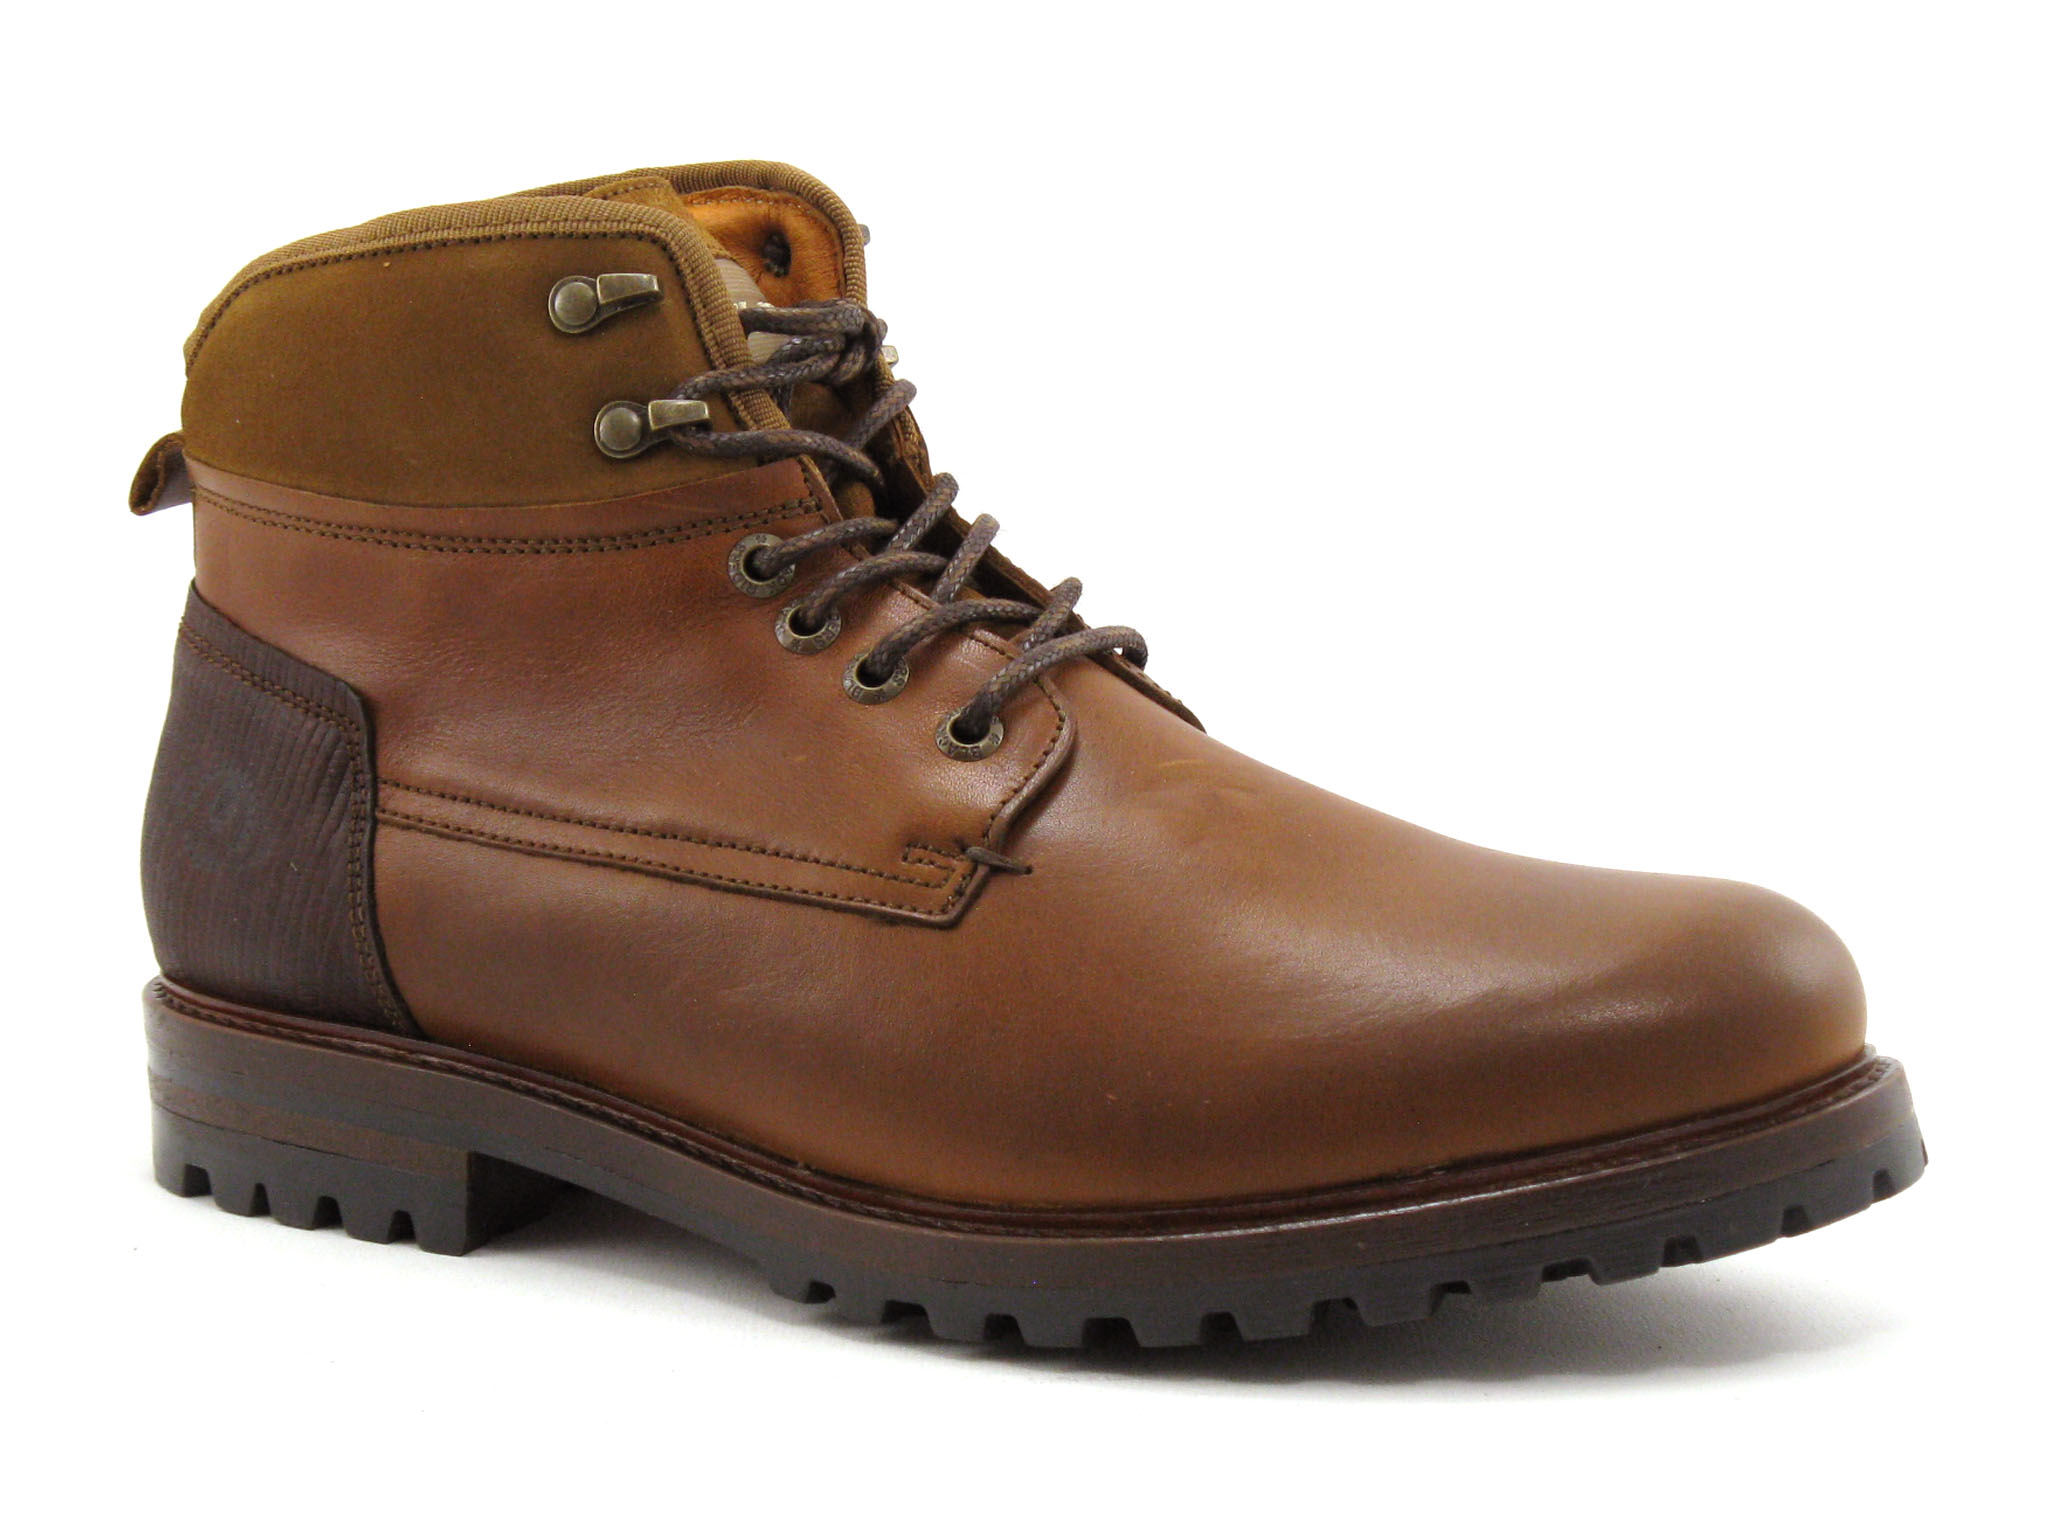 b8deb5213d41bf Boots hommes de la catégorie Chaussures hommes , page: 6